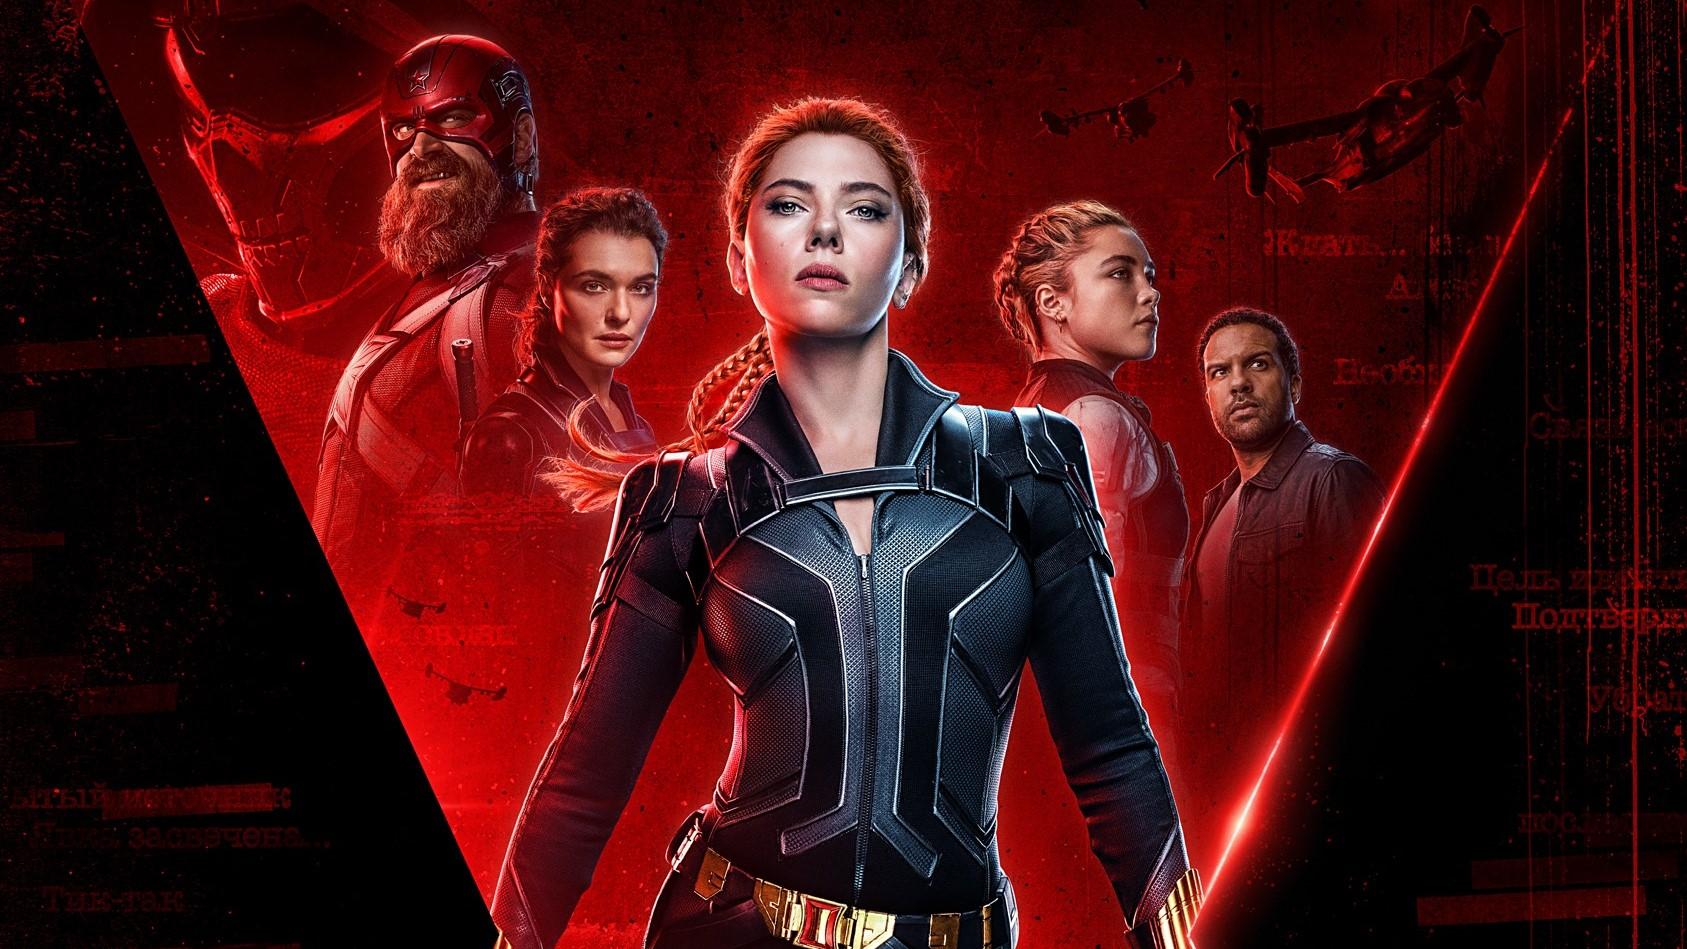 В 2020 году не выйдет ни одного фильма Marvel. «Чёрная вдова» перенесена на 2021 год